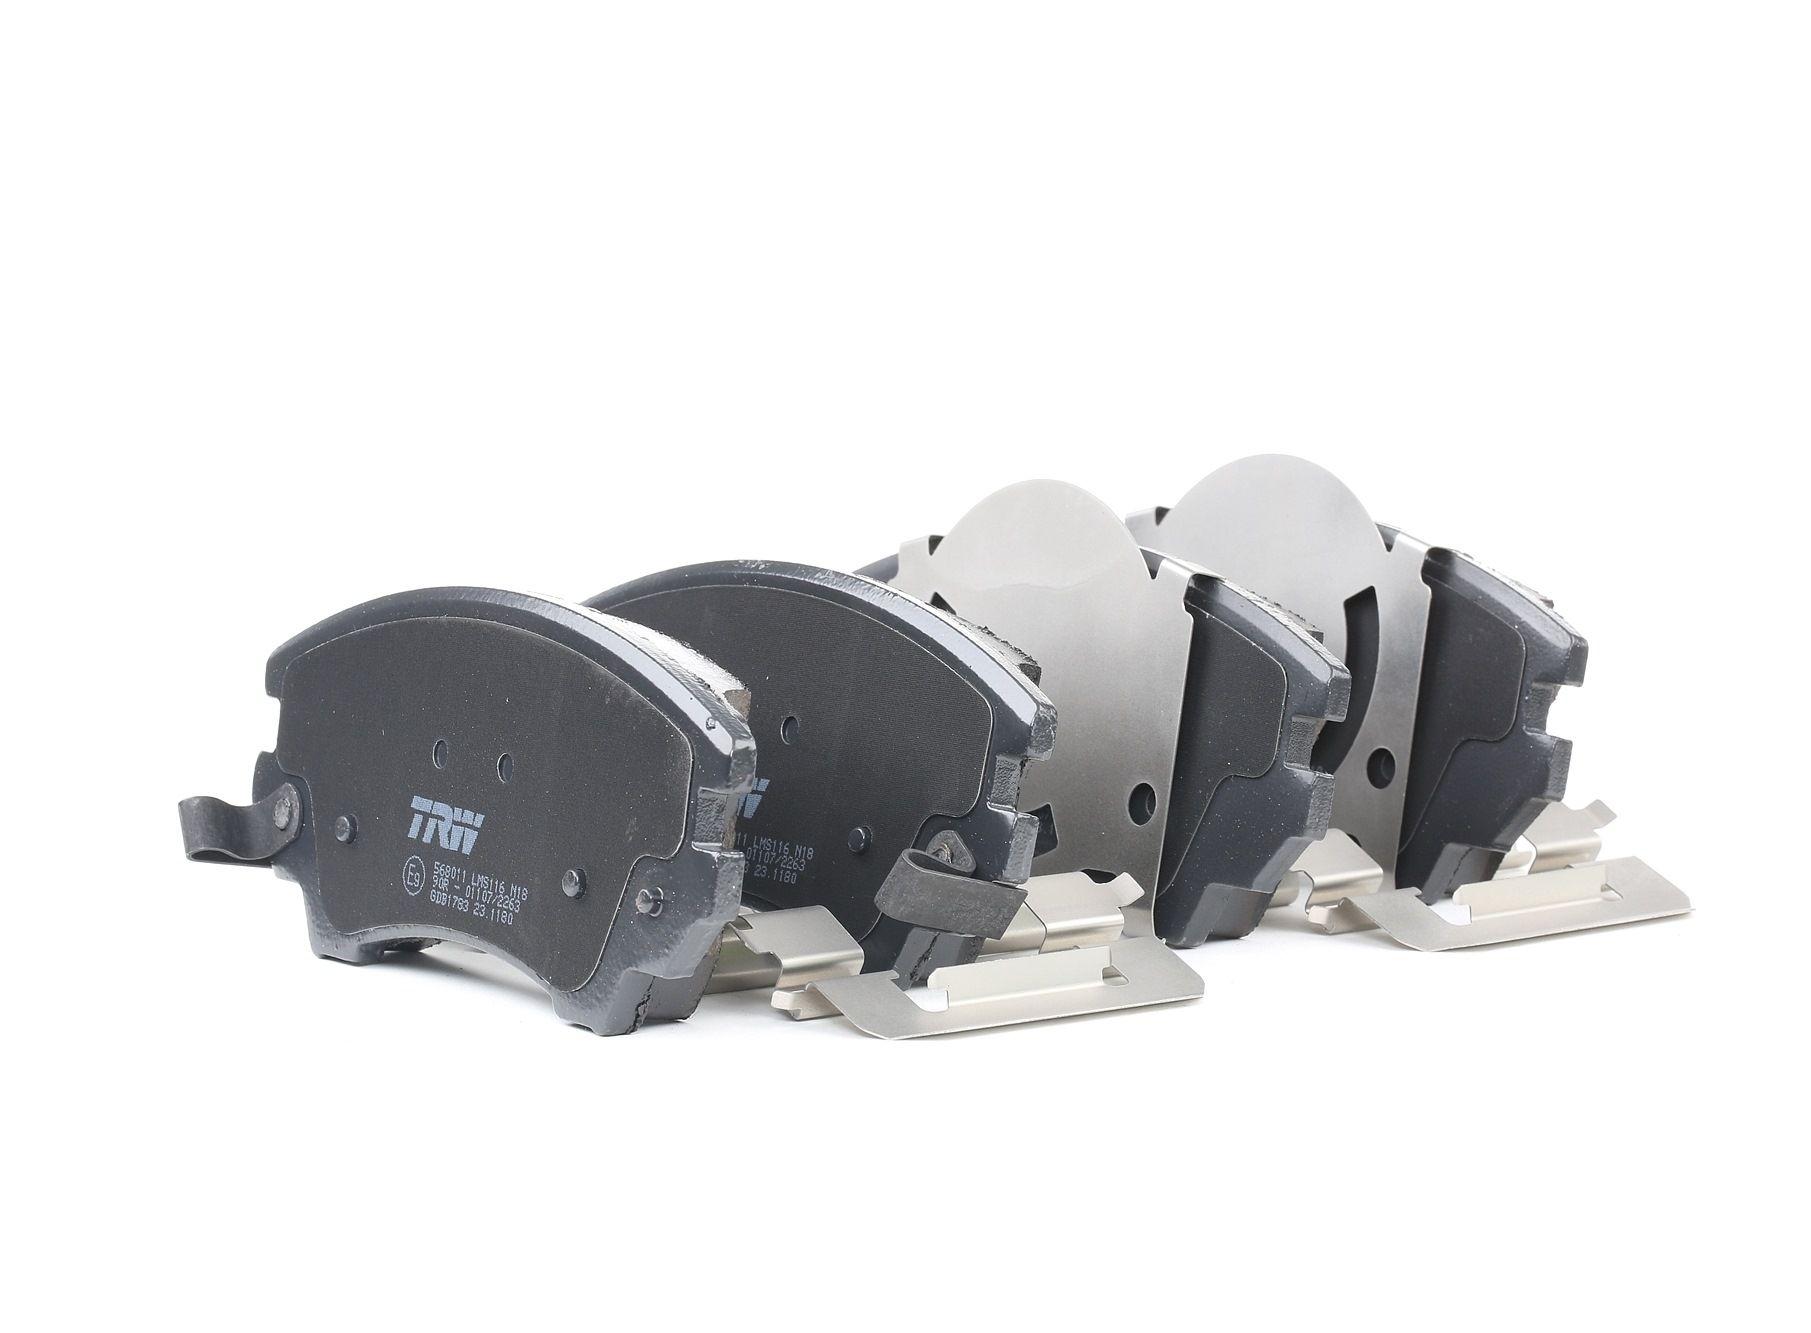 OPEL ASTRA 2014 Bremsbelagsatz - Original TRW GDB1783 Höhe: 66,7mm, Dicke/Stärke: 18,8mm